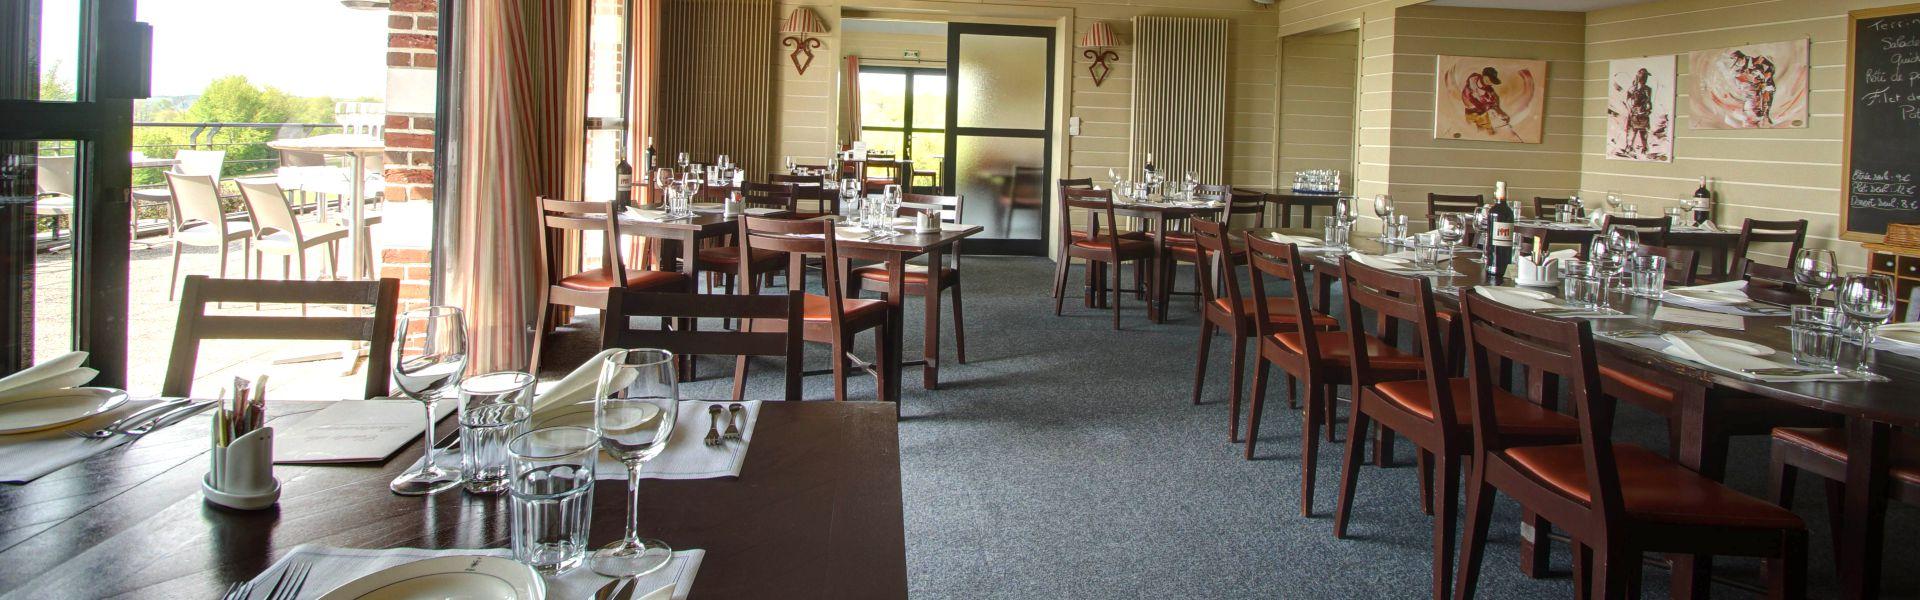 L'intérieur de la Najeti brasserie le Ristandèl